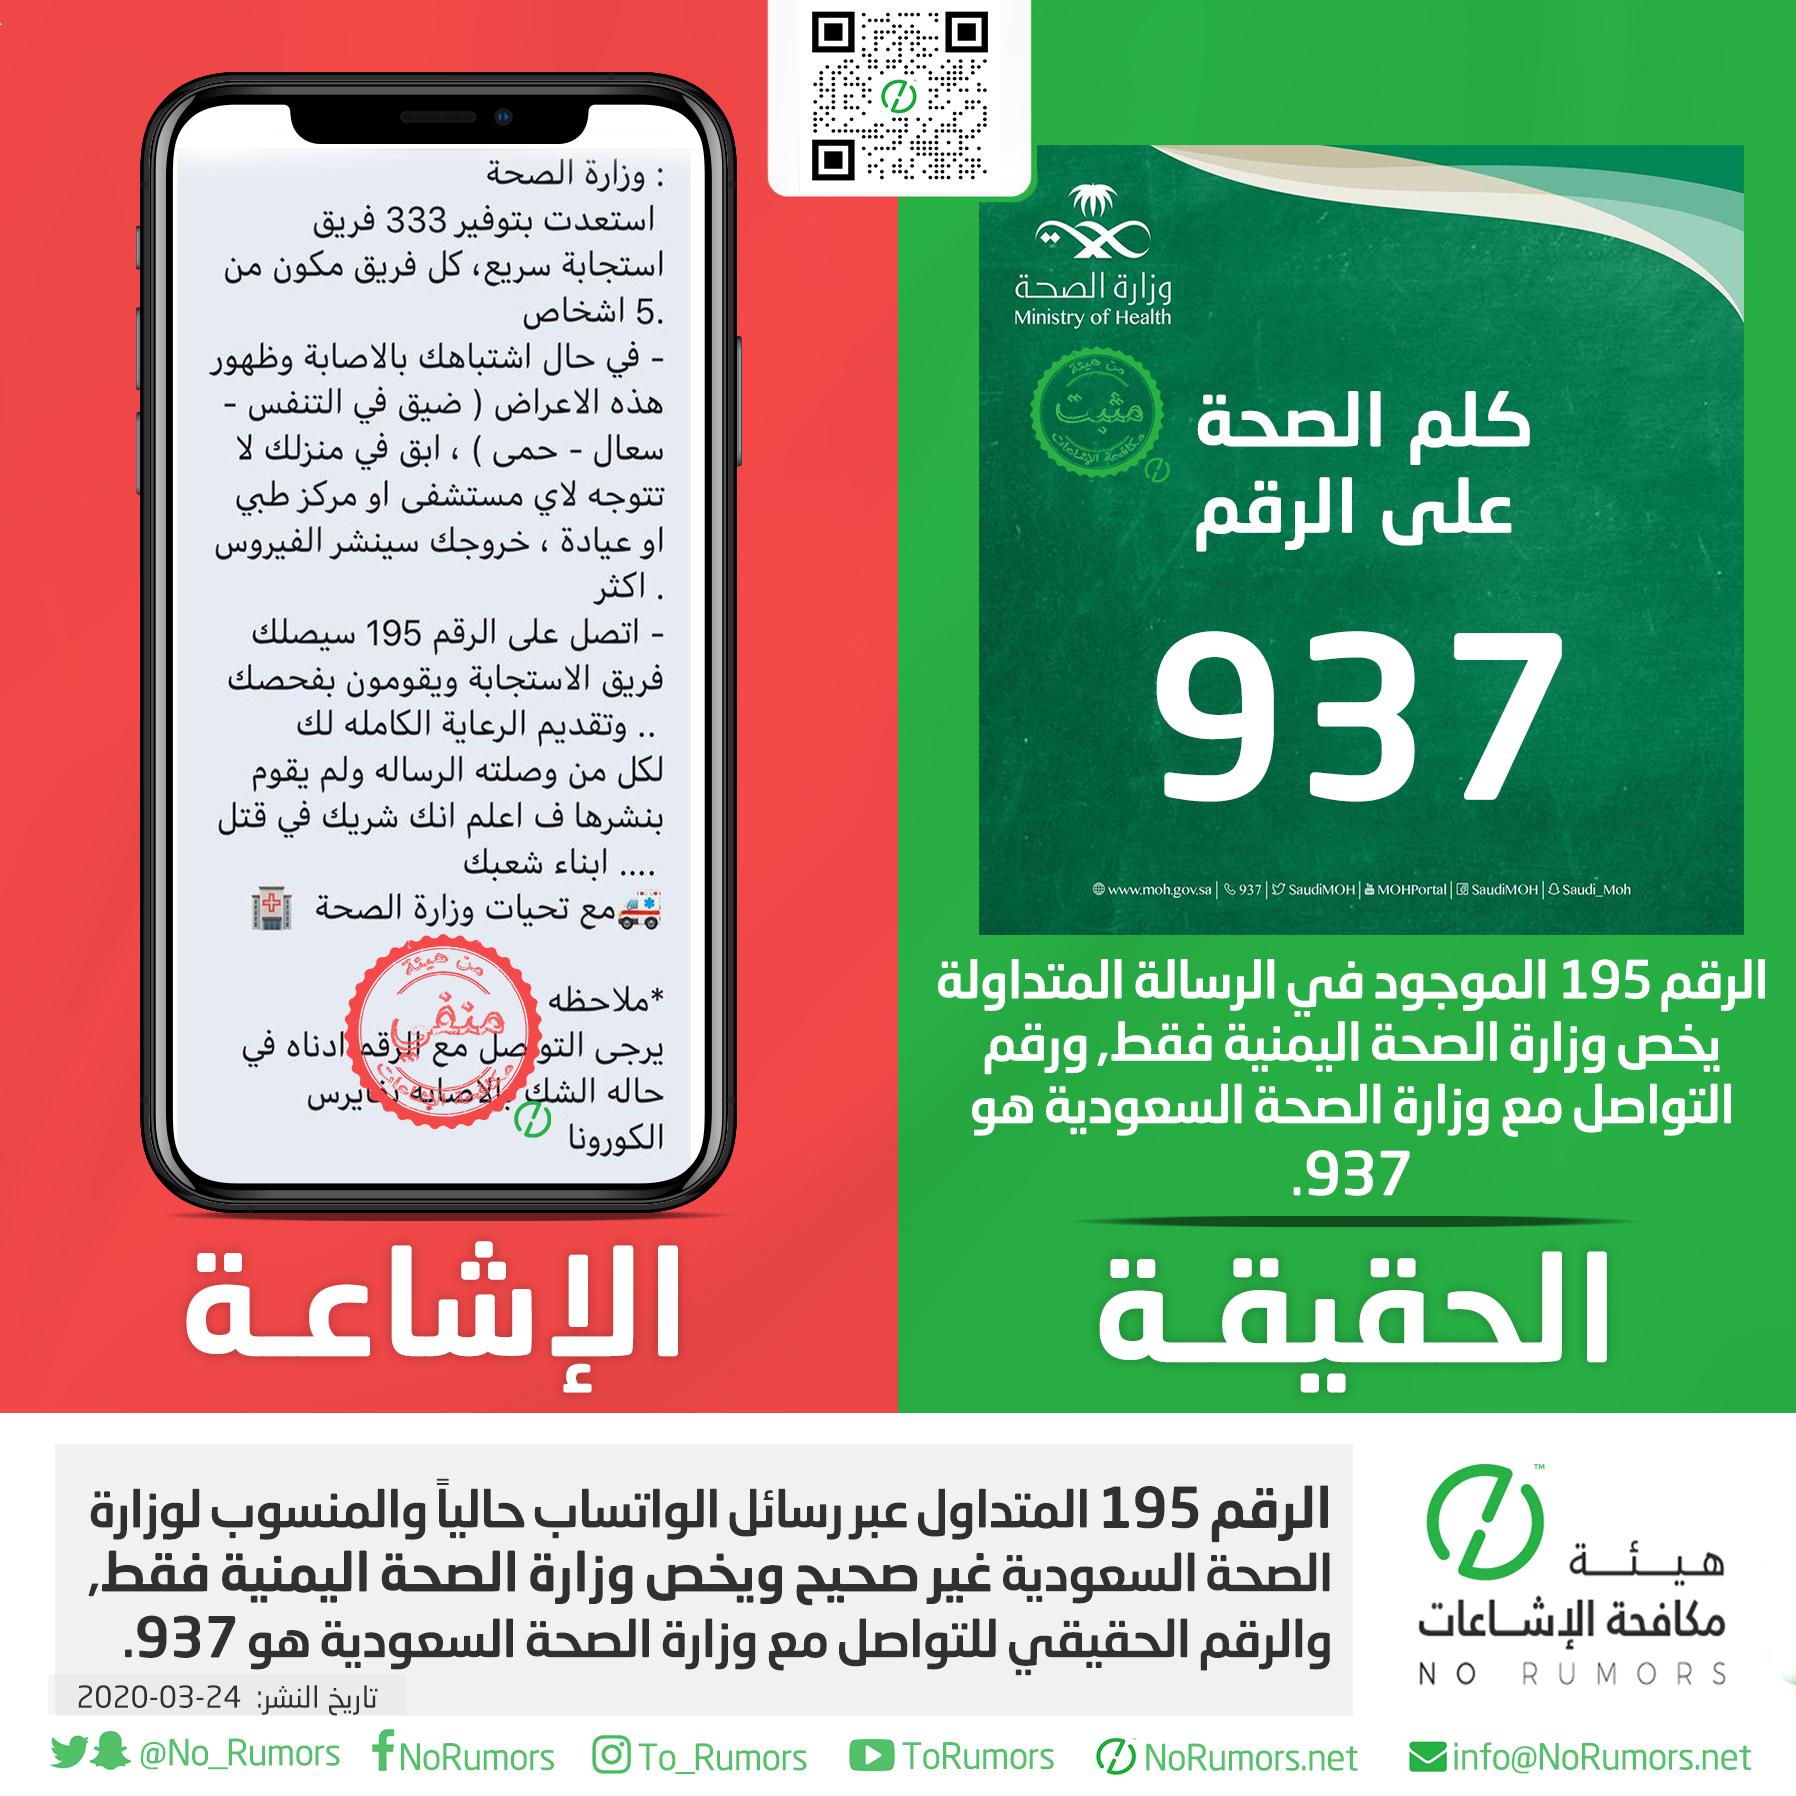 حقيقة الرقم 195 المتداول عبر رسائل الواتساب حالياً والمنسوب لوزارة الصحة السعودية